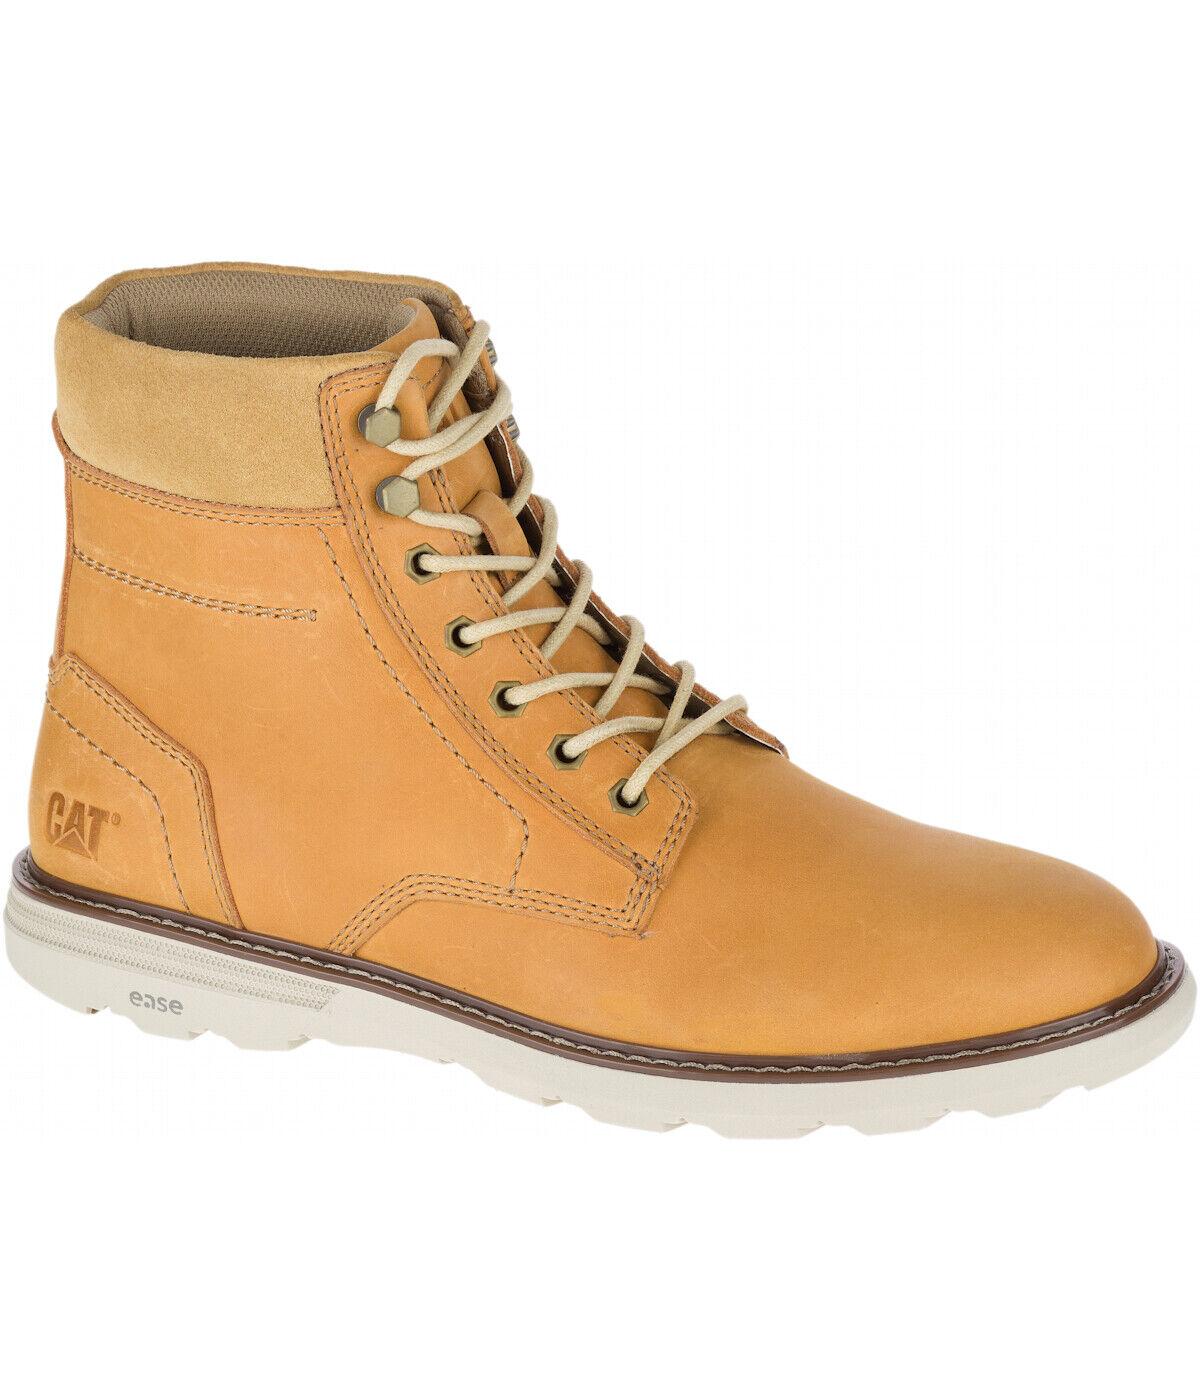 Cat señores cuero-calzado 41 42 43 44 45 marrón Vic botas botas de cuero Caterpillar